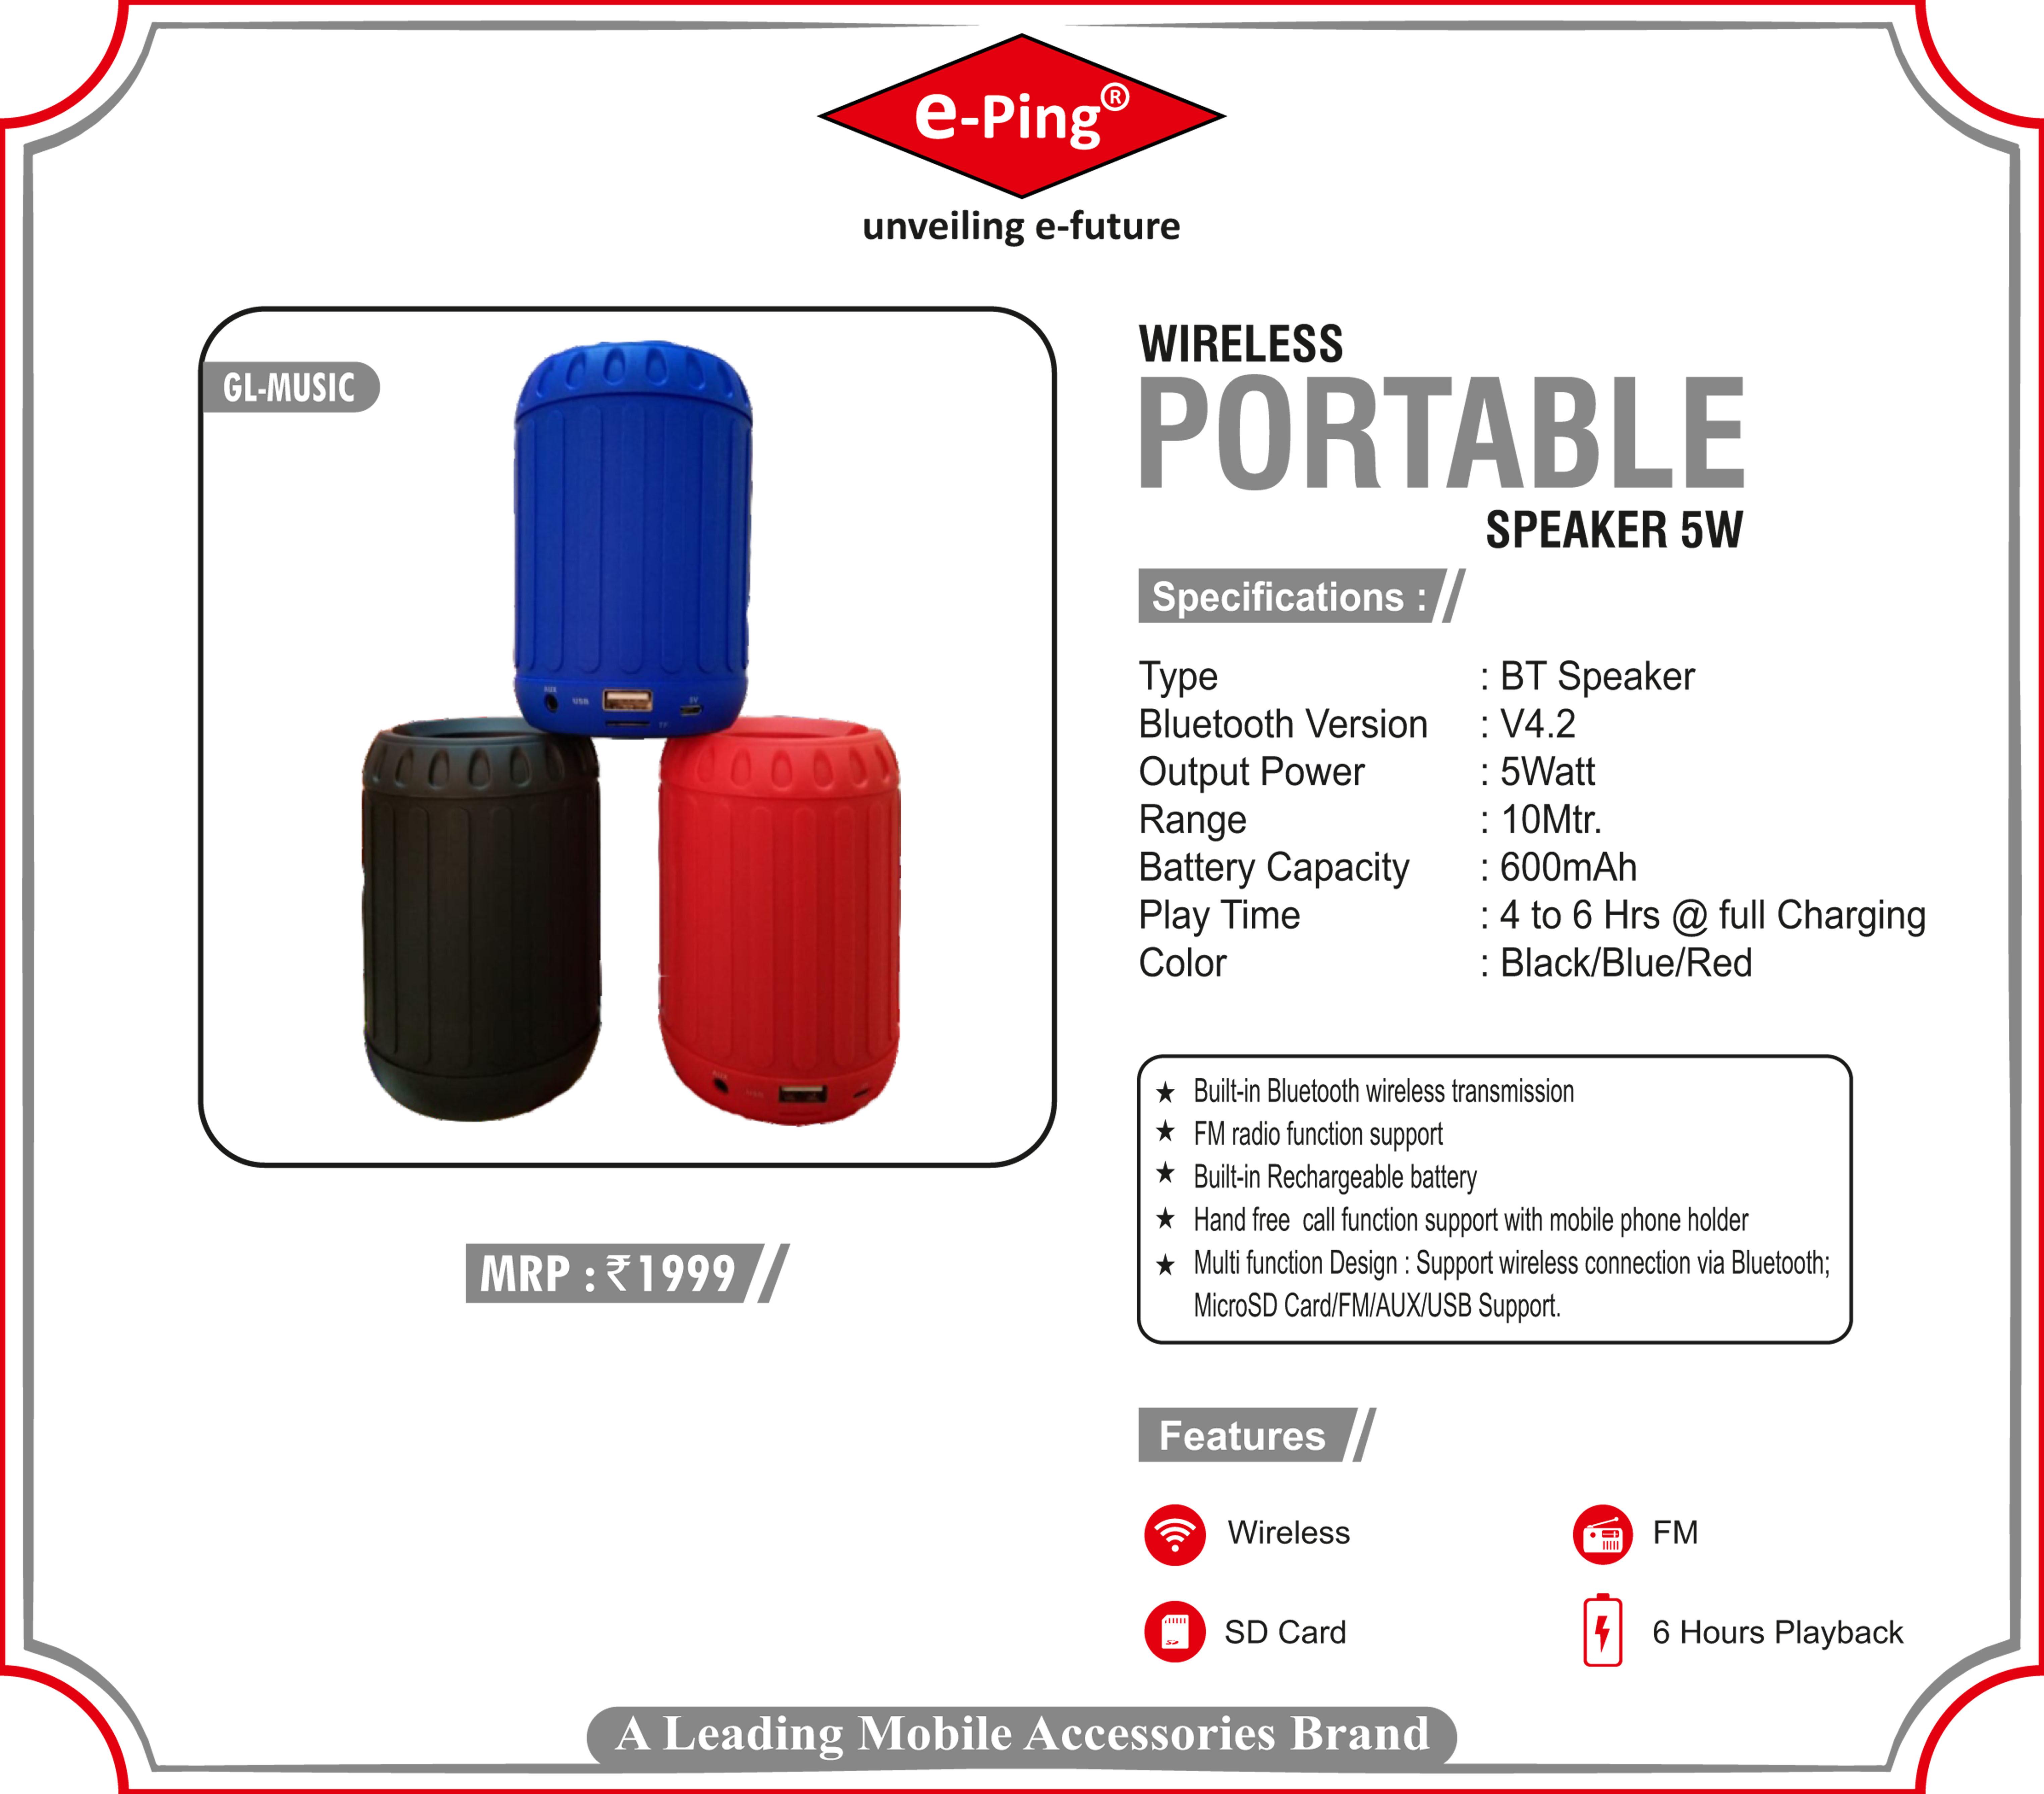 5W Wireless Portable Speaker